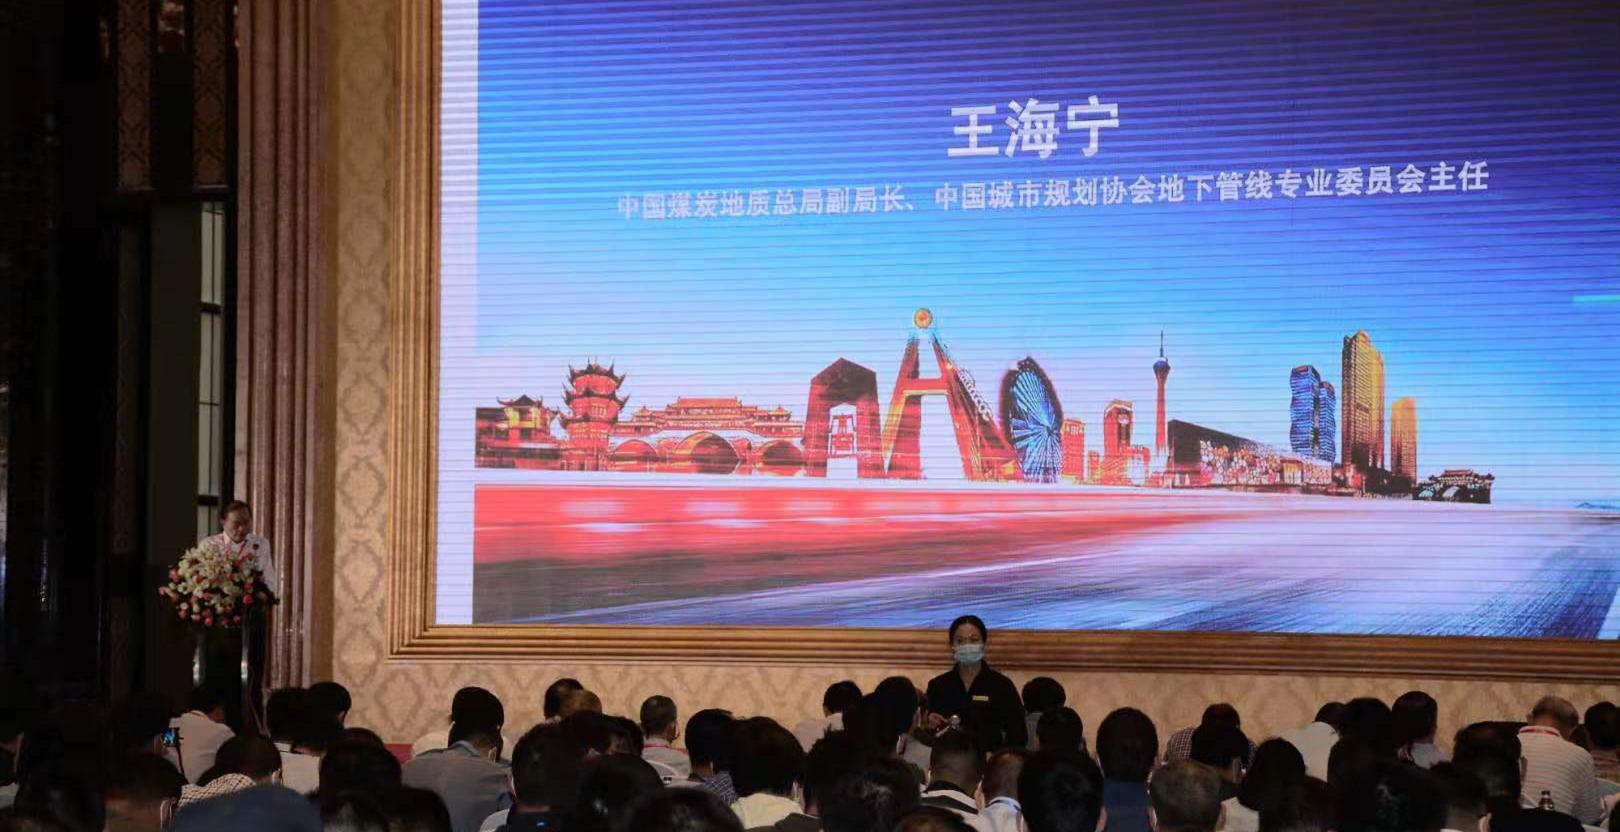 王海宁出席第四届全国城市道路塌陷灾害防治高峰论坛并致开幕词